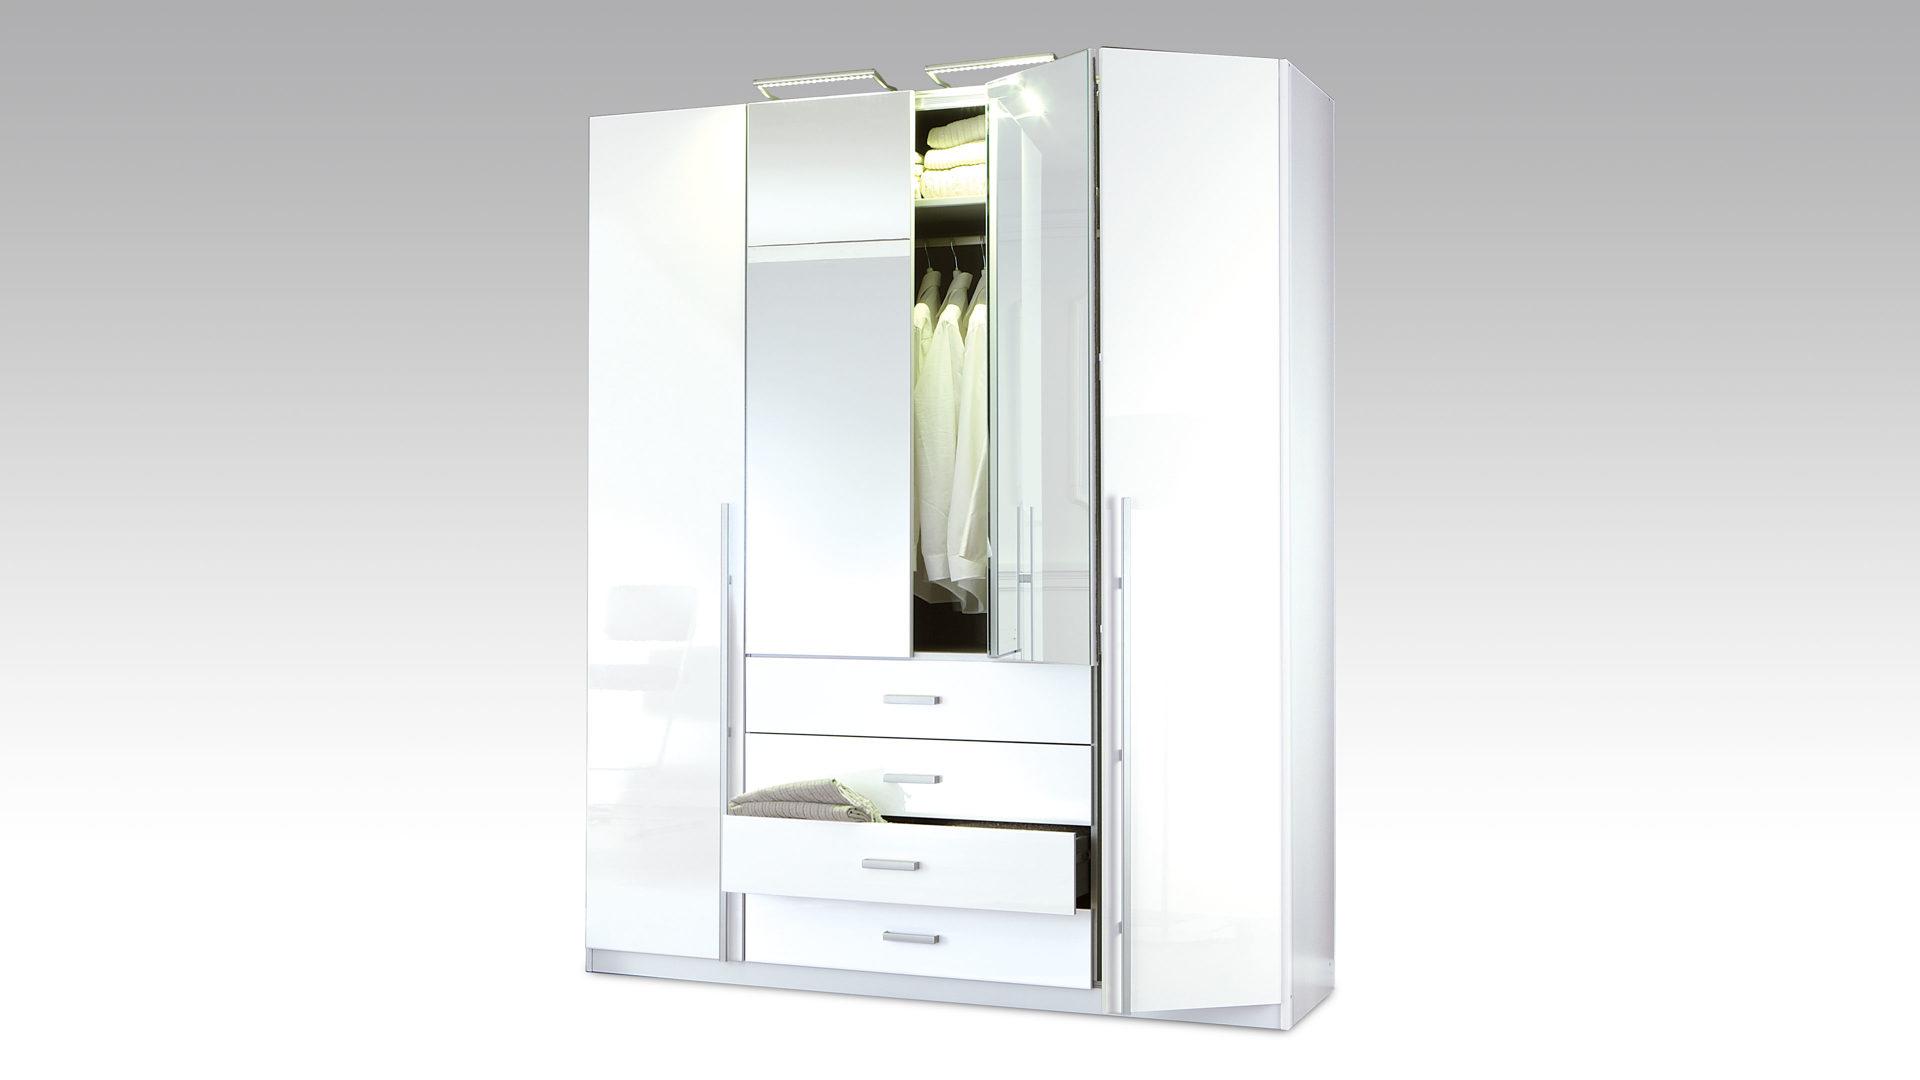 Kleiderschrank weiß hochglanz mit spiegel  Möbel Janz Schönkirchen | Räume | Schlafzimmer | Kleiderschränke ...